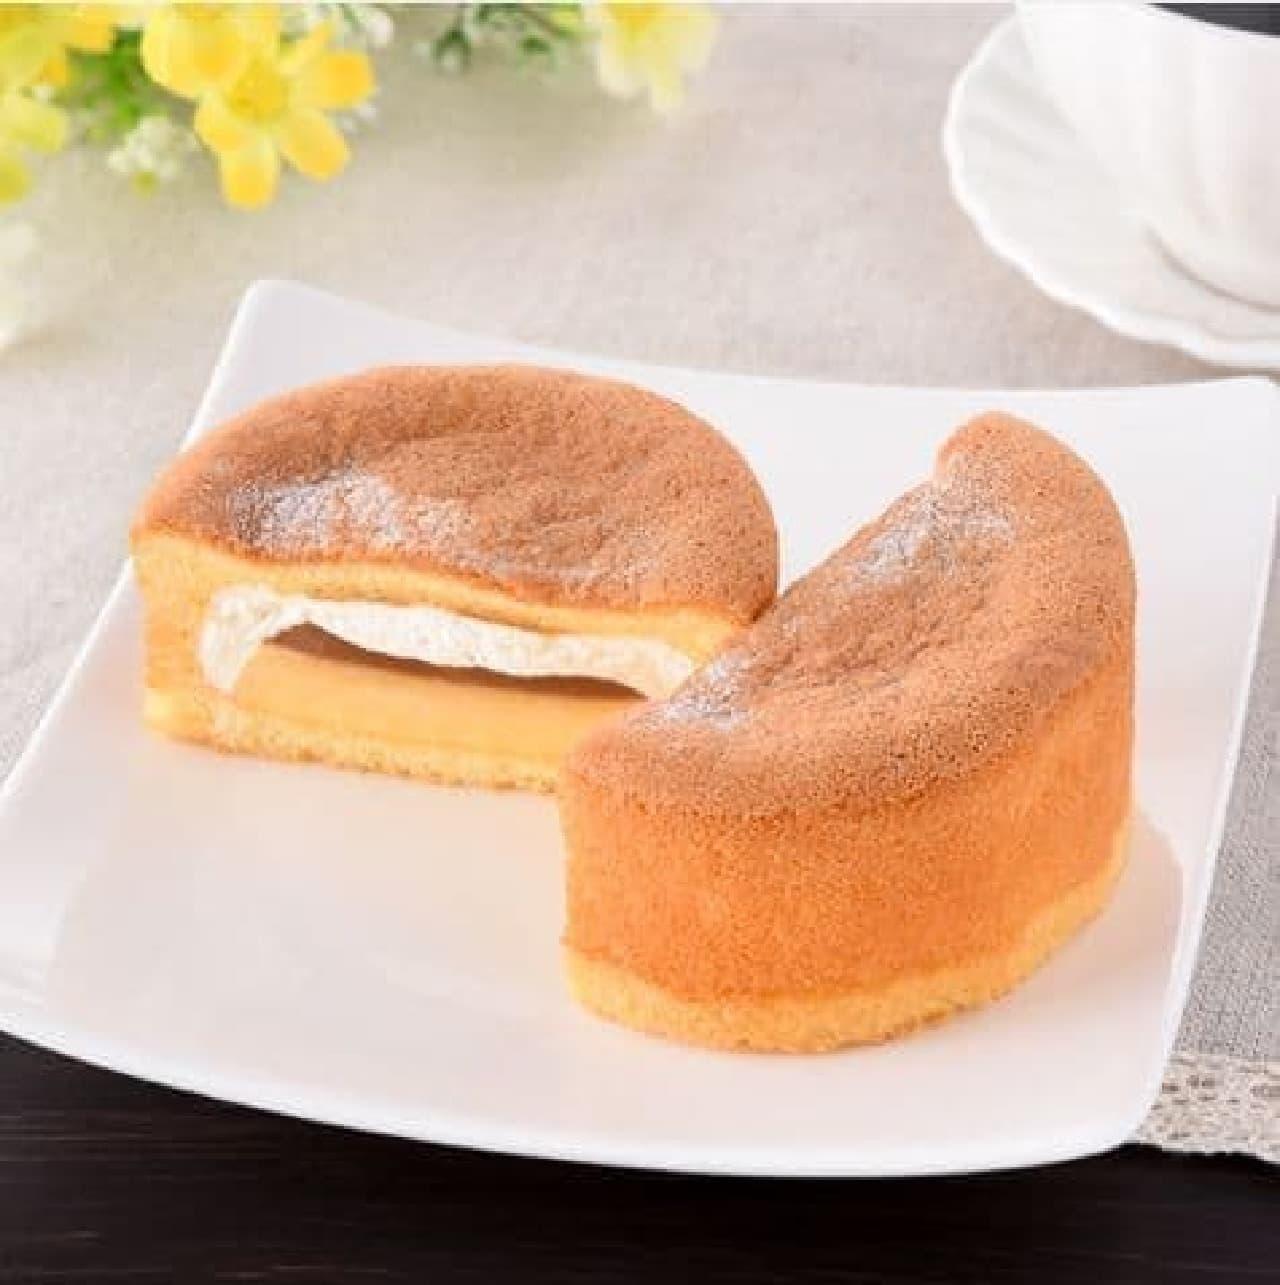 ファミリーマート「パンケーキにプリン入れちゃいました!」